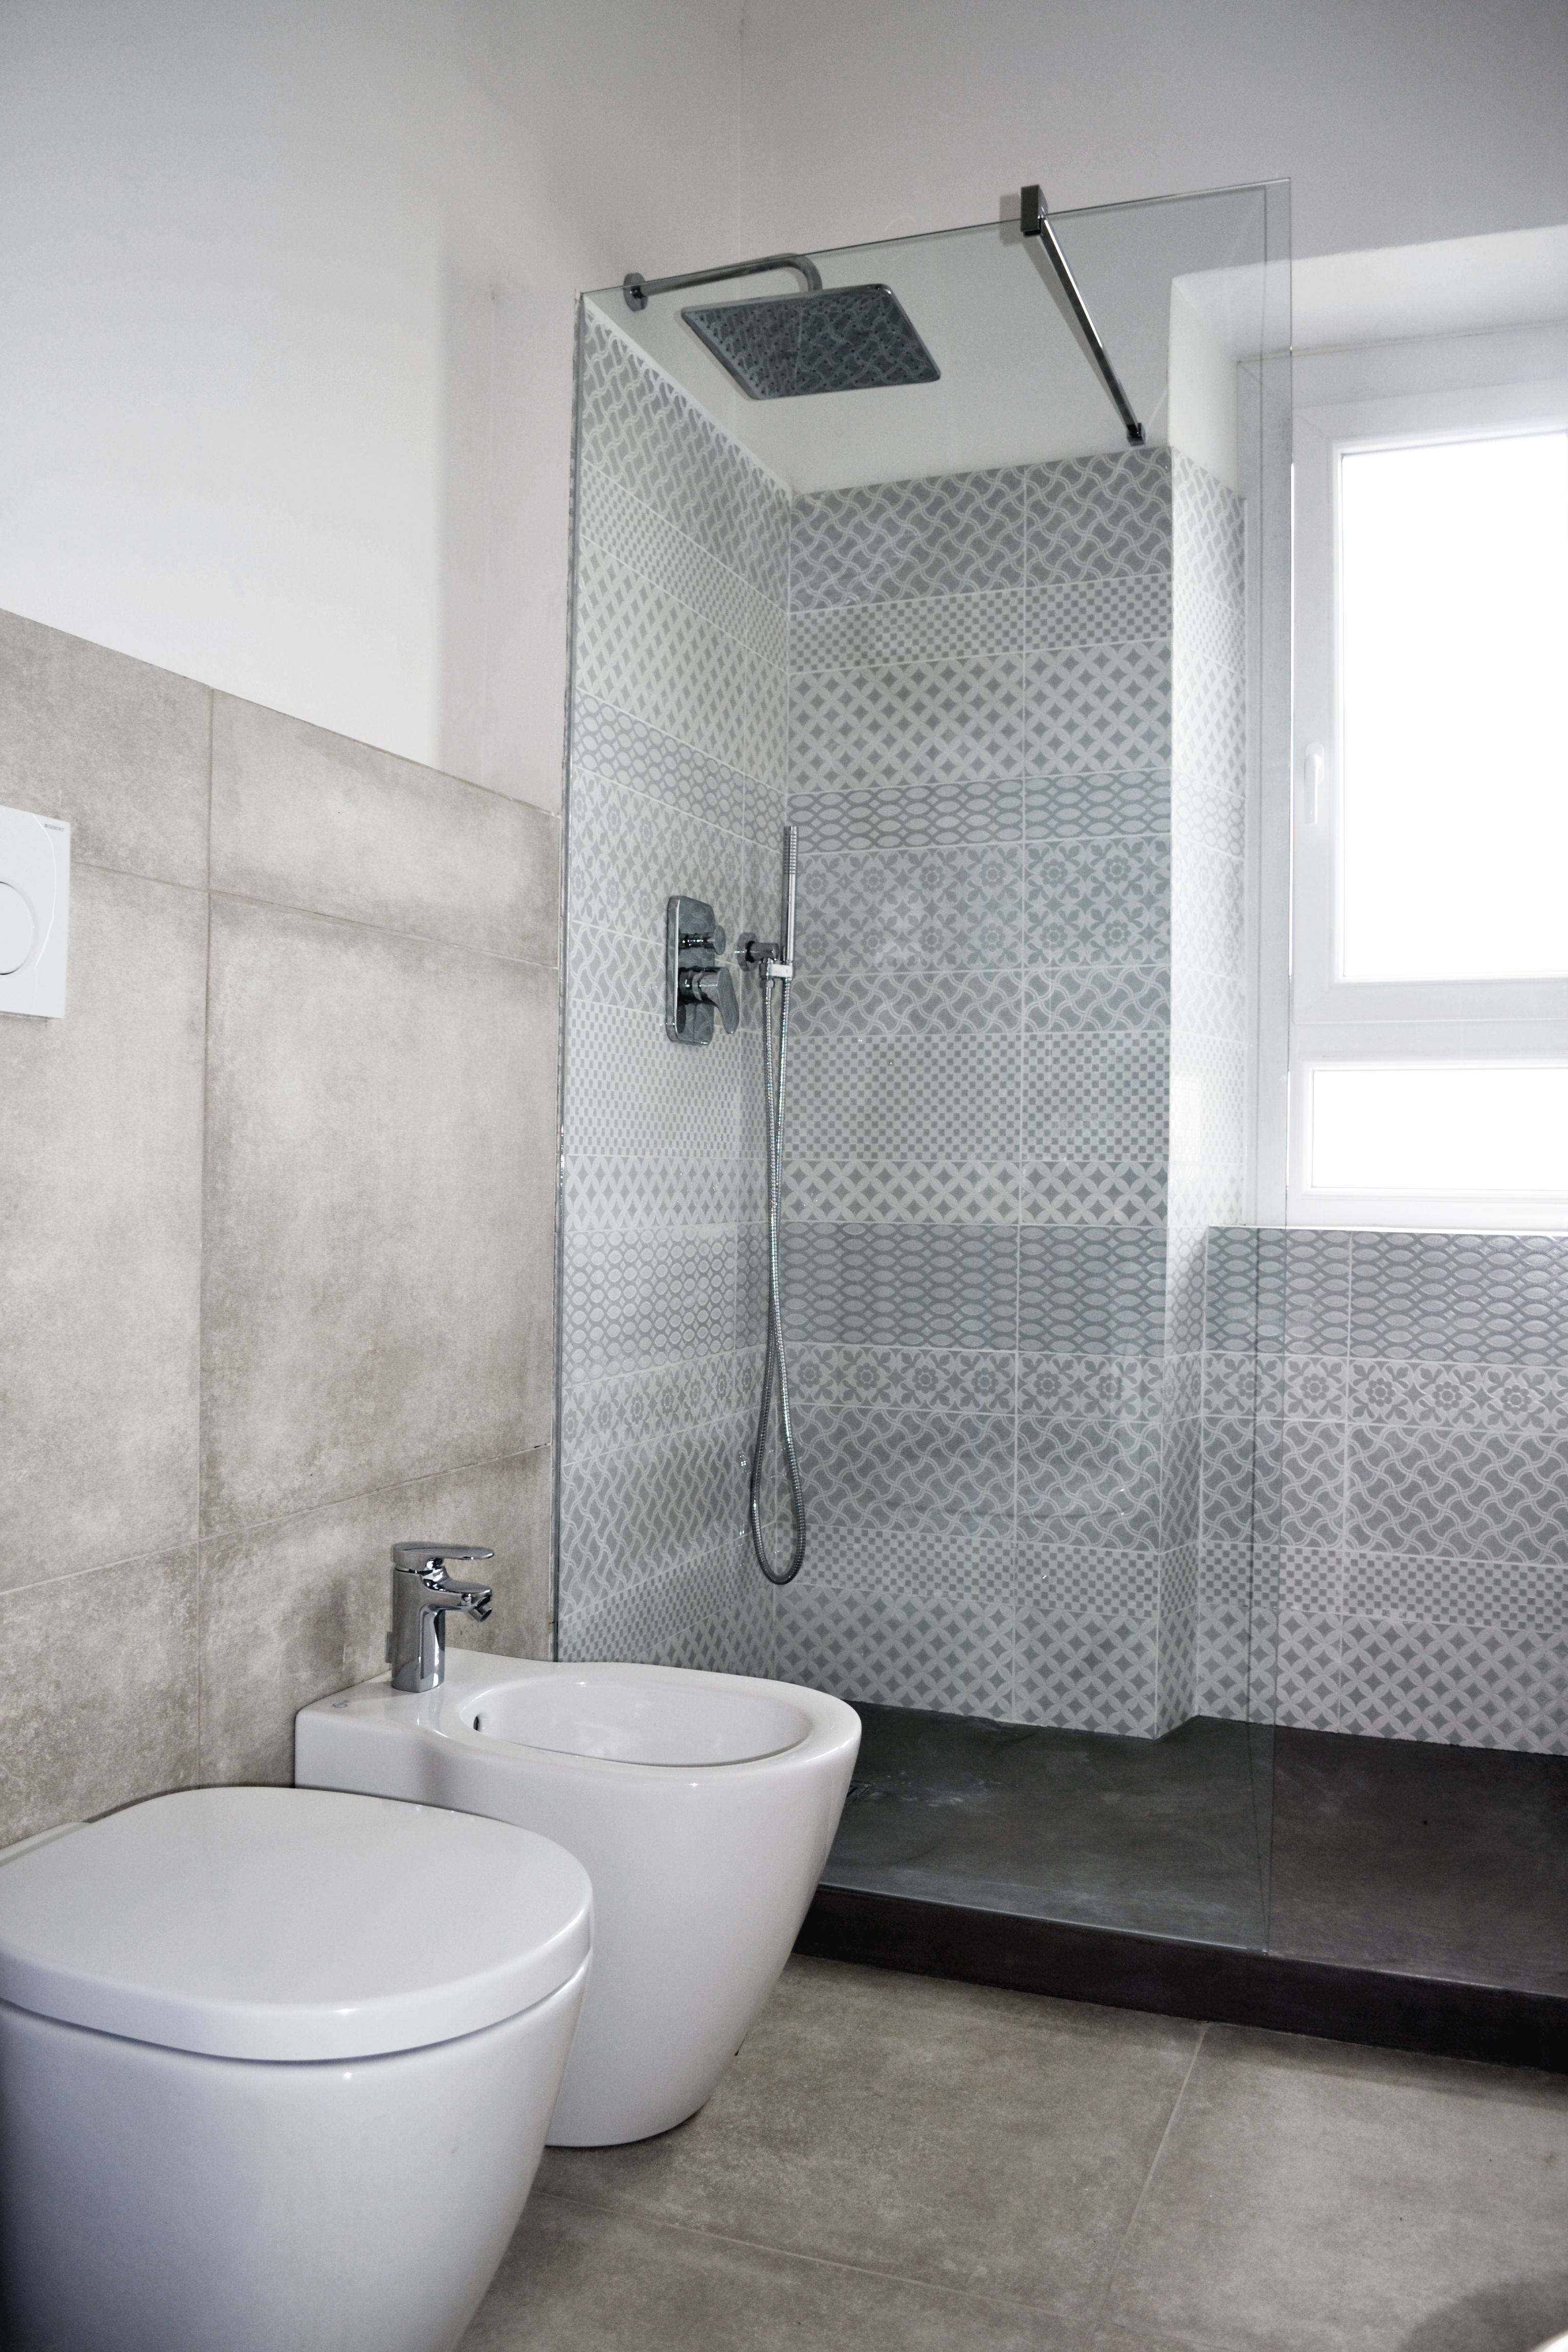 Piastrelle effetto cemento e piatto doccia in resina - Rimuovere cemento da piastrelle ...